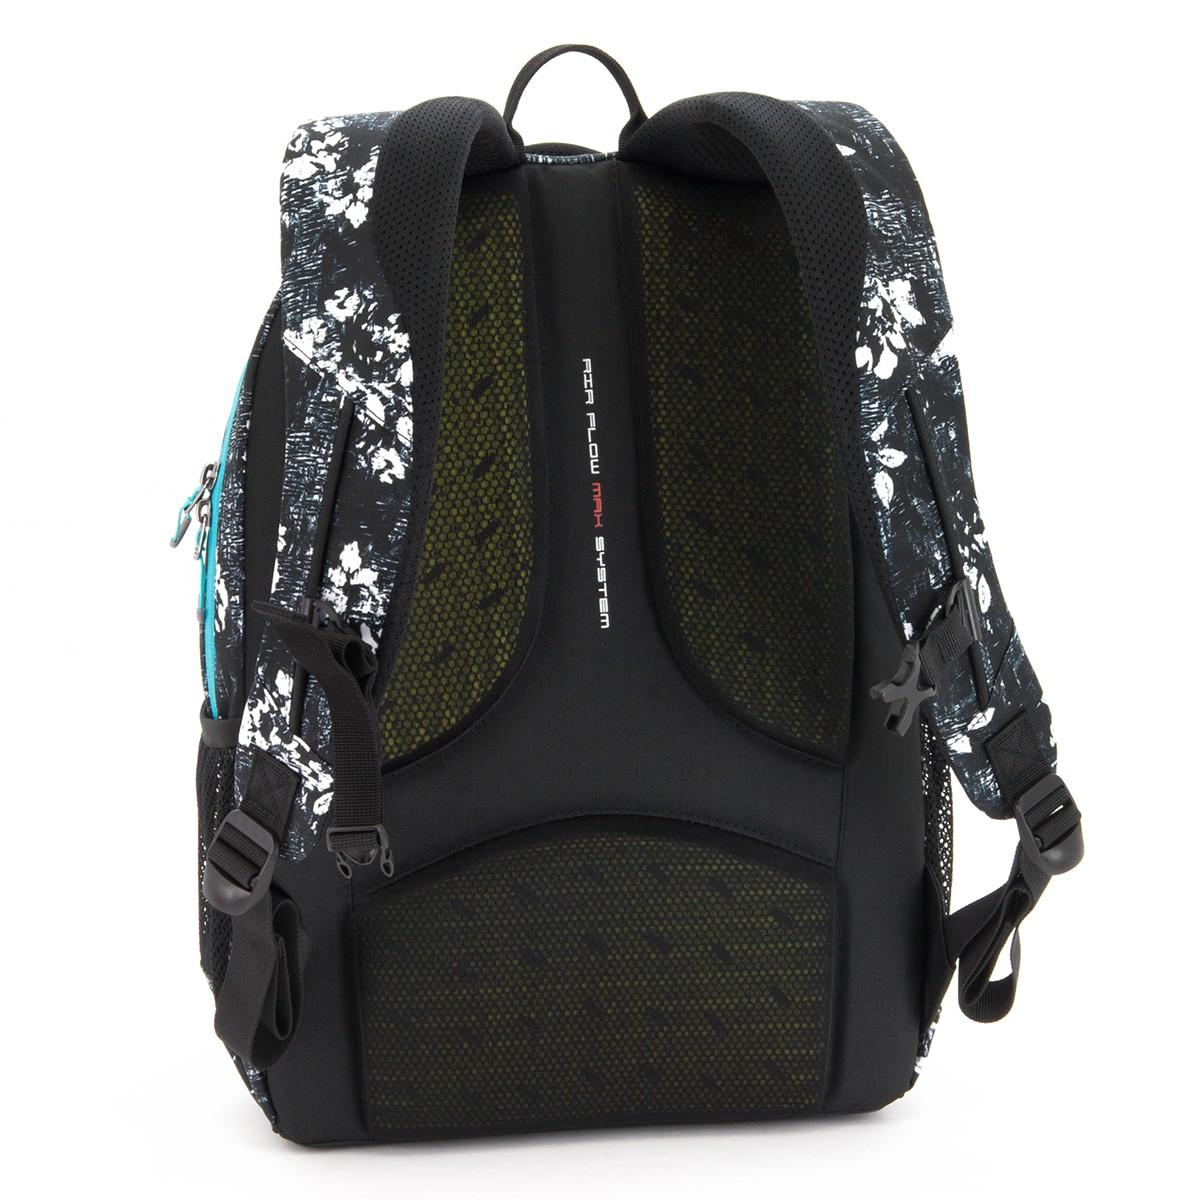 166185b9f7 ... ARS UNA 09 ergonomikus hátizsák, iskolatáska 91315335 ...